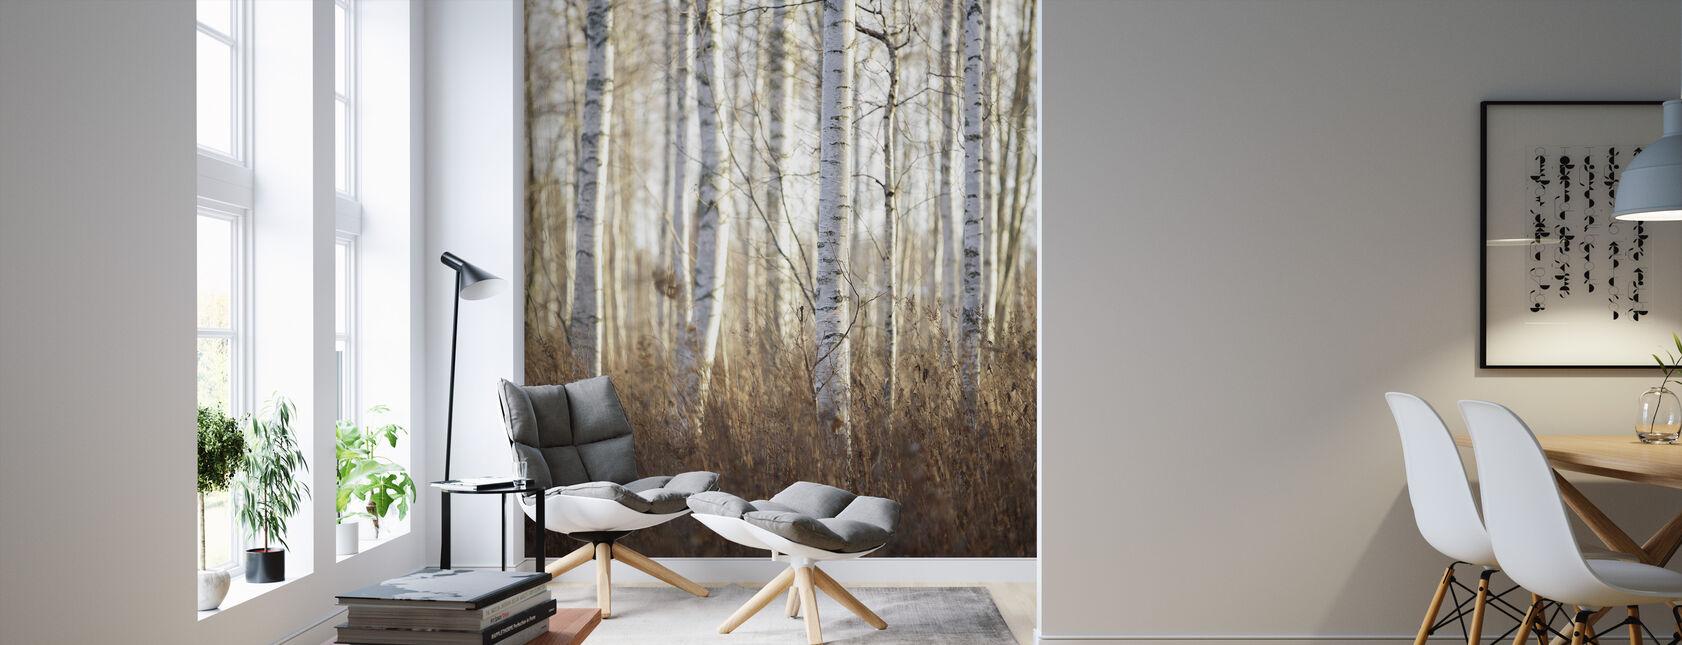 Birkenwald in Dalarna, Schweden, Europa - Tapete - Wohnzimmer